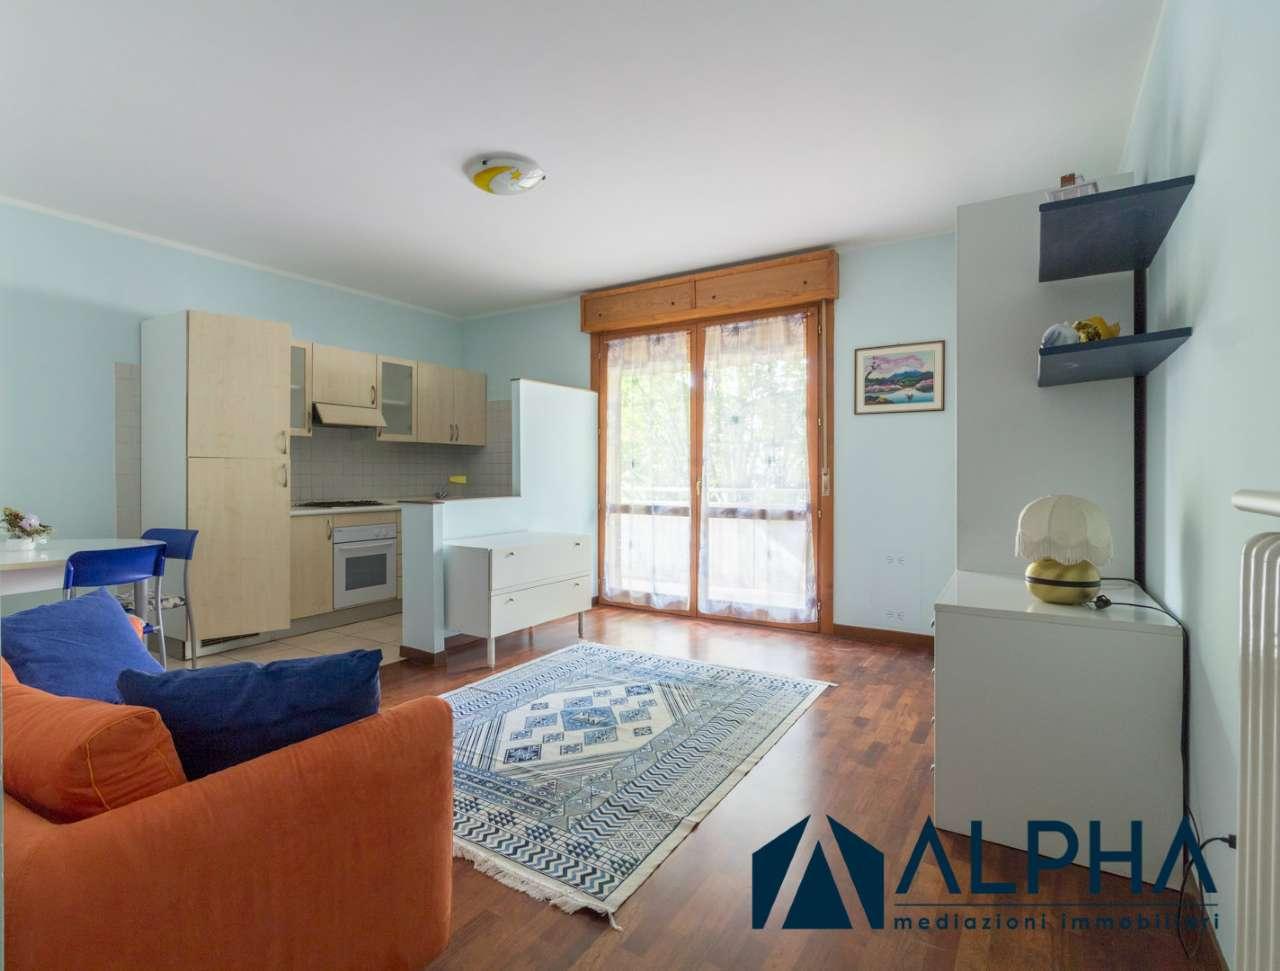 Appartamento in affitto a Forlì, 1 locali, prezzo € 390 | CambioCasa.it